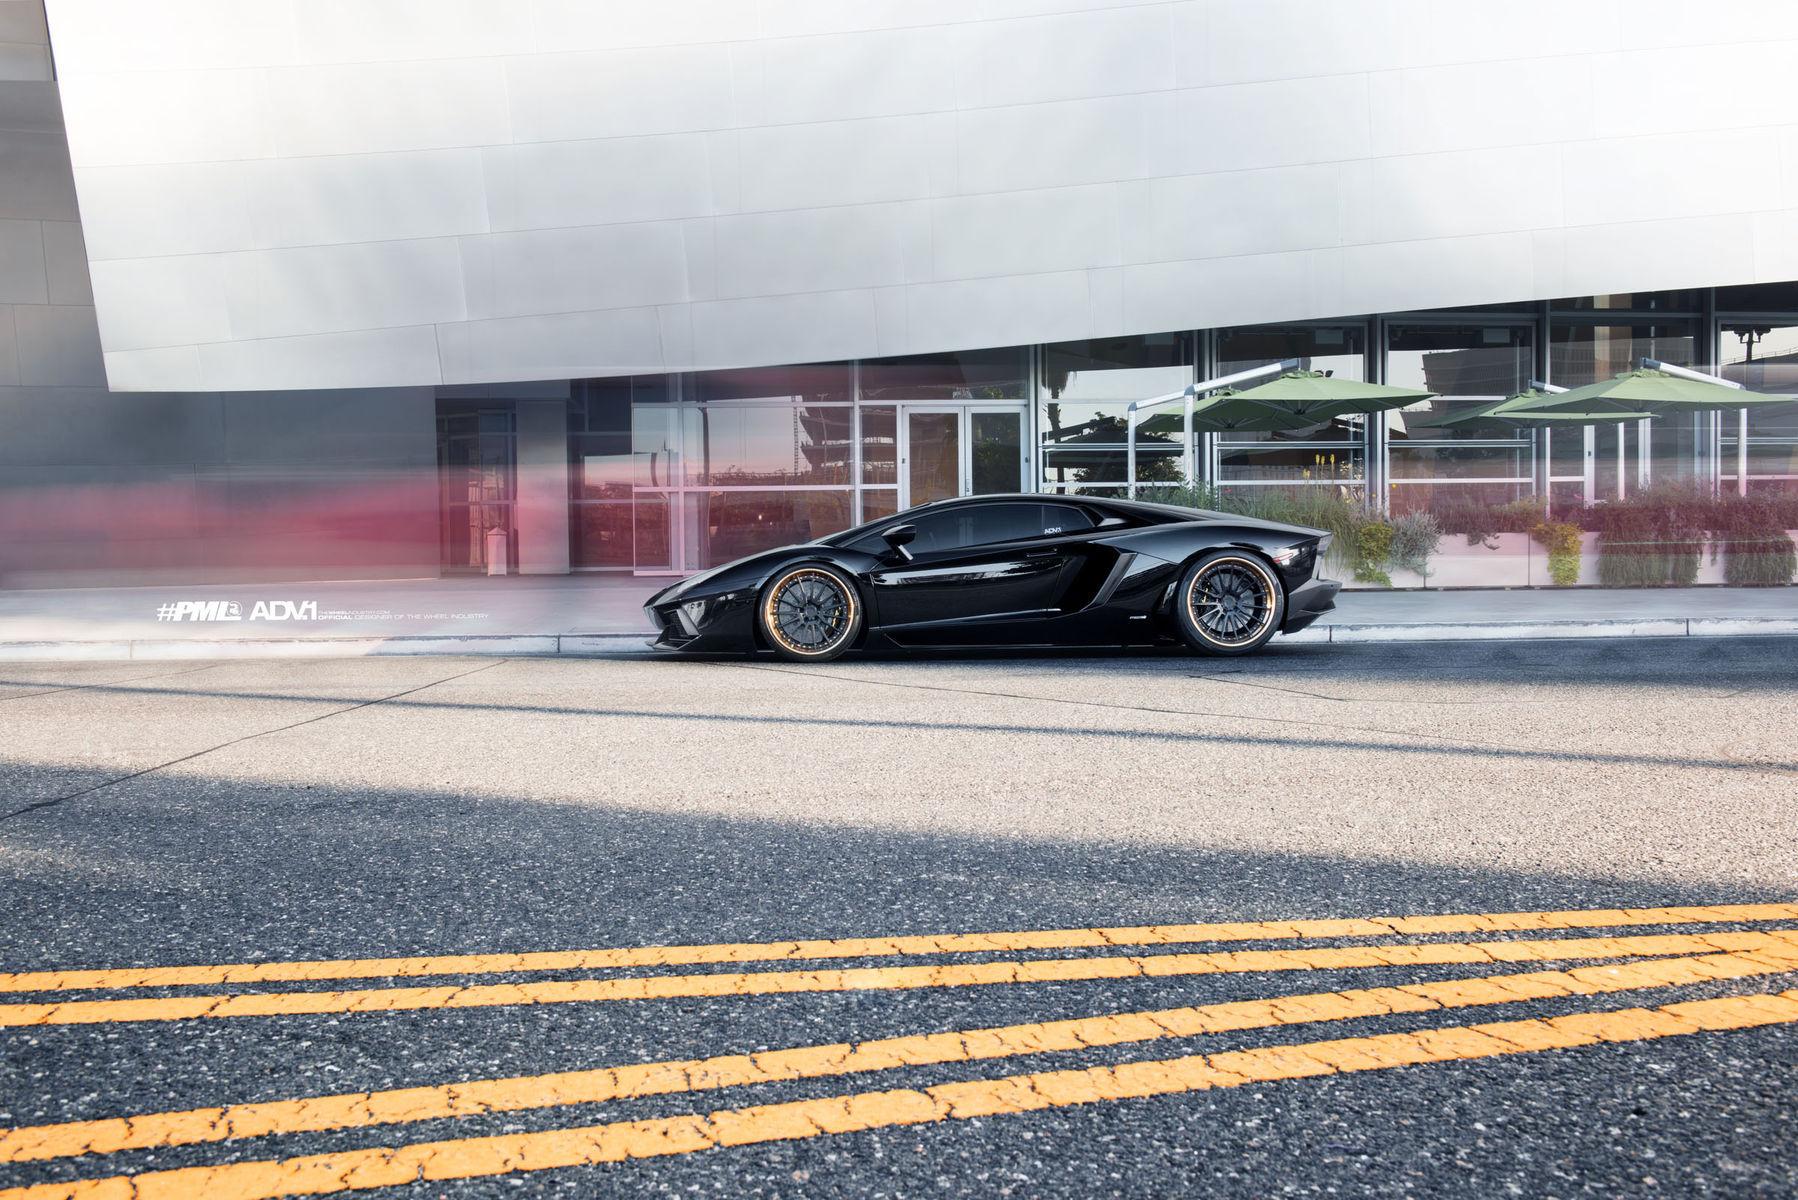 Lamborghini Aventador | Ben Baller's ADV.1 Wheels Lamborghini Aventador by Platinum Motorsport